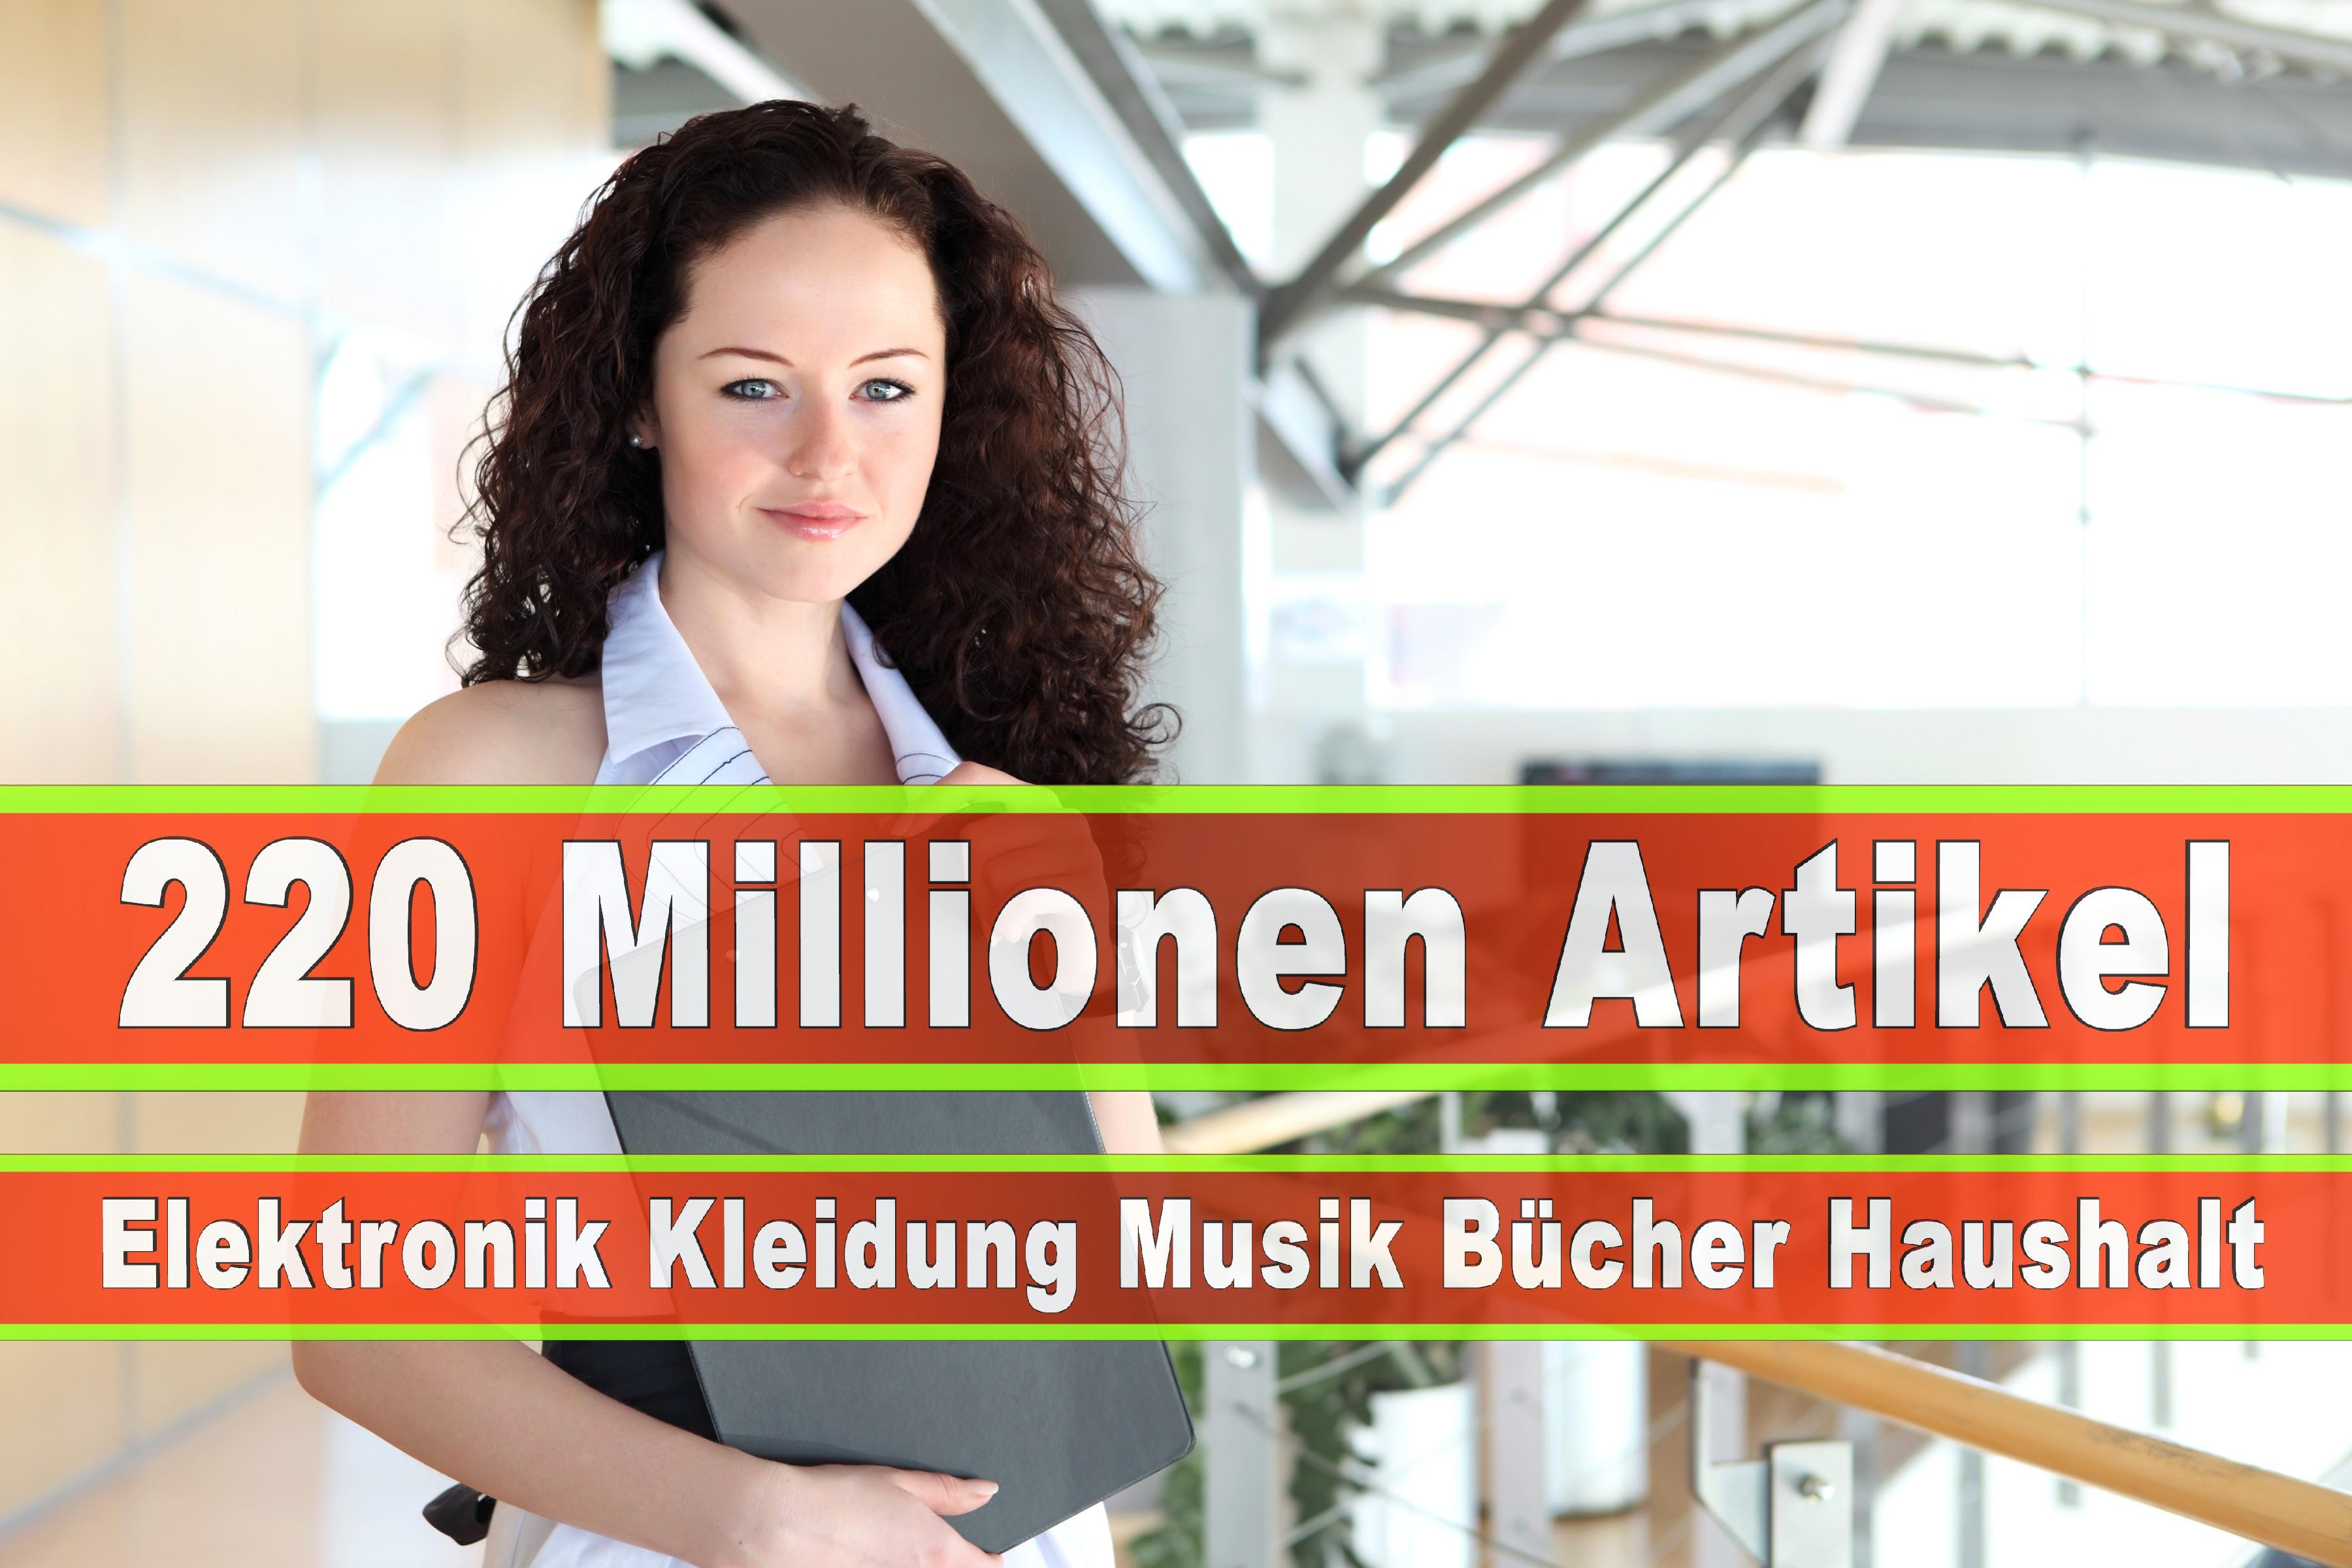 Amazon Elektronik Musik Haushalt Bücher CD DVD Handys Smartphones TV Television Fernseher Kleidung Mode Ebay Versandhaus (125)